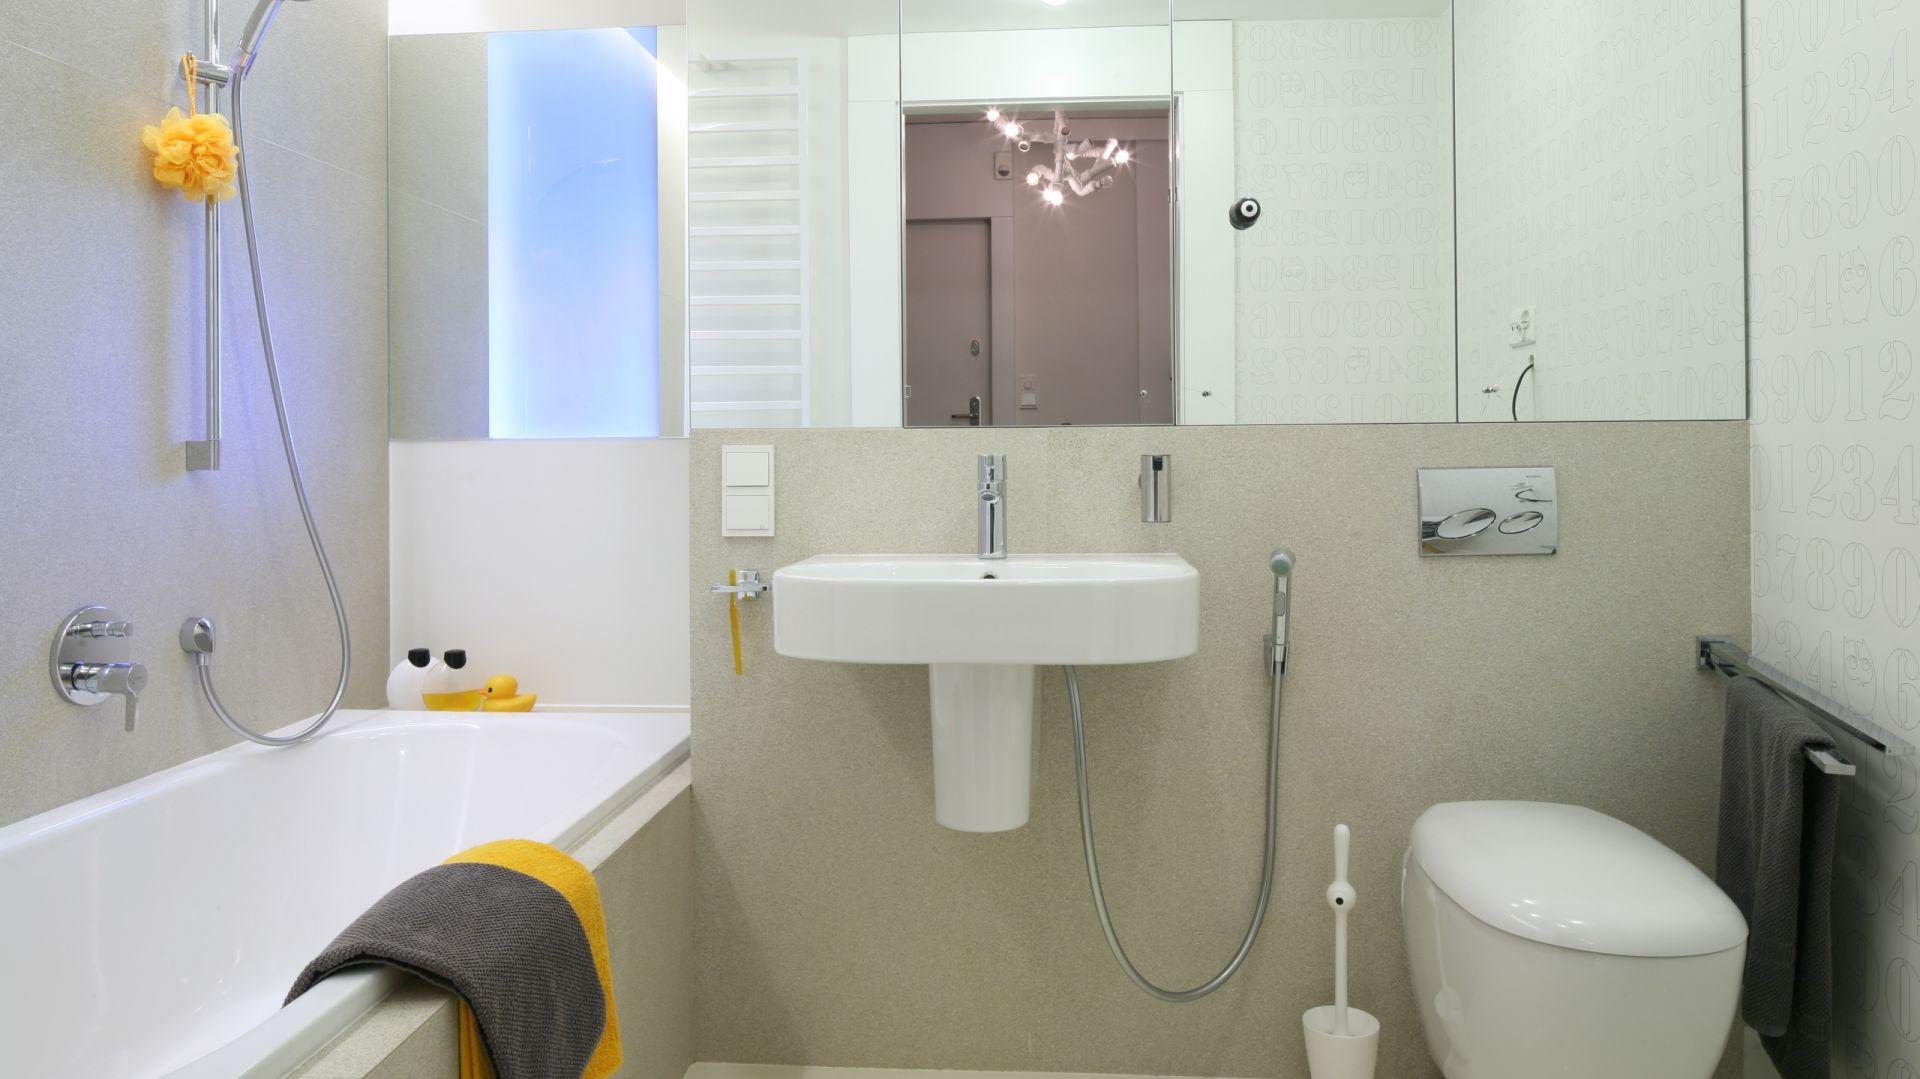 Jasną łazienkę optycznie powiększa szafka w lustrzanymi frontami. Na ścianach ułożono duże płytki w formatach 60x120 cm, dzięki czemu całość wygląda bardzo estetycznie. Fot. Bartosz Jarosz